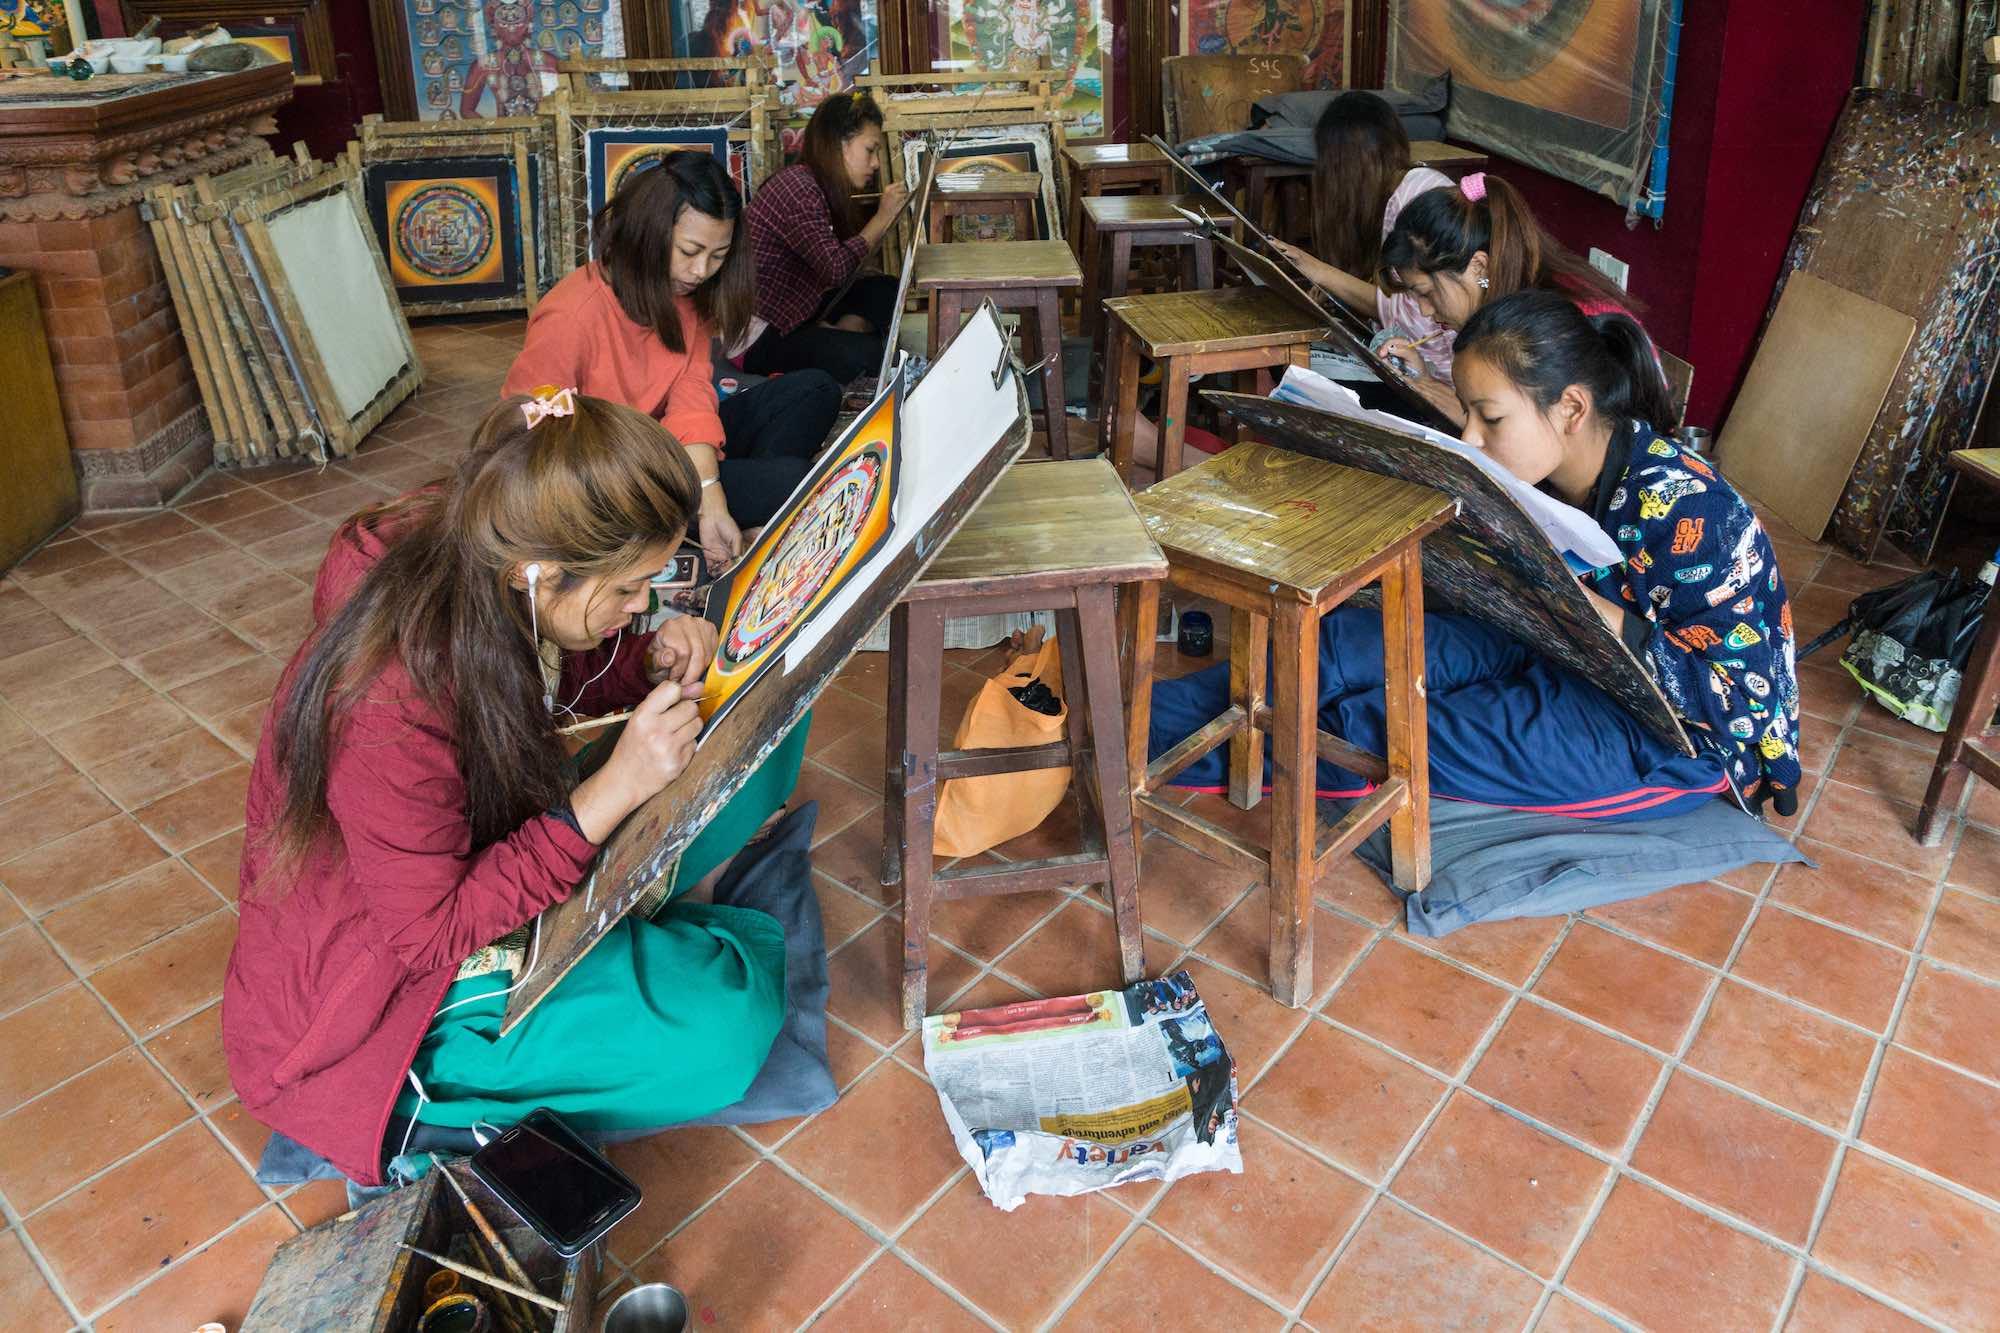 thangka shop - young women painting